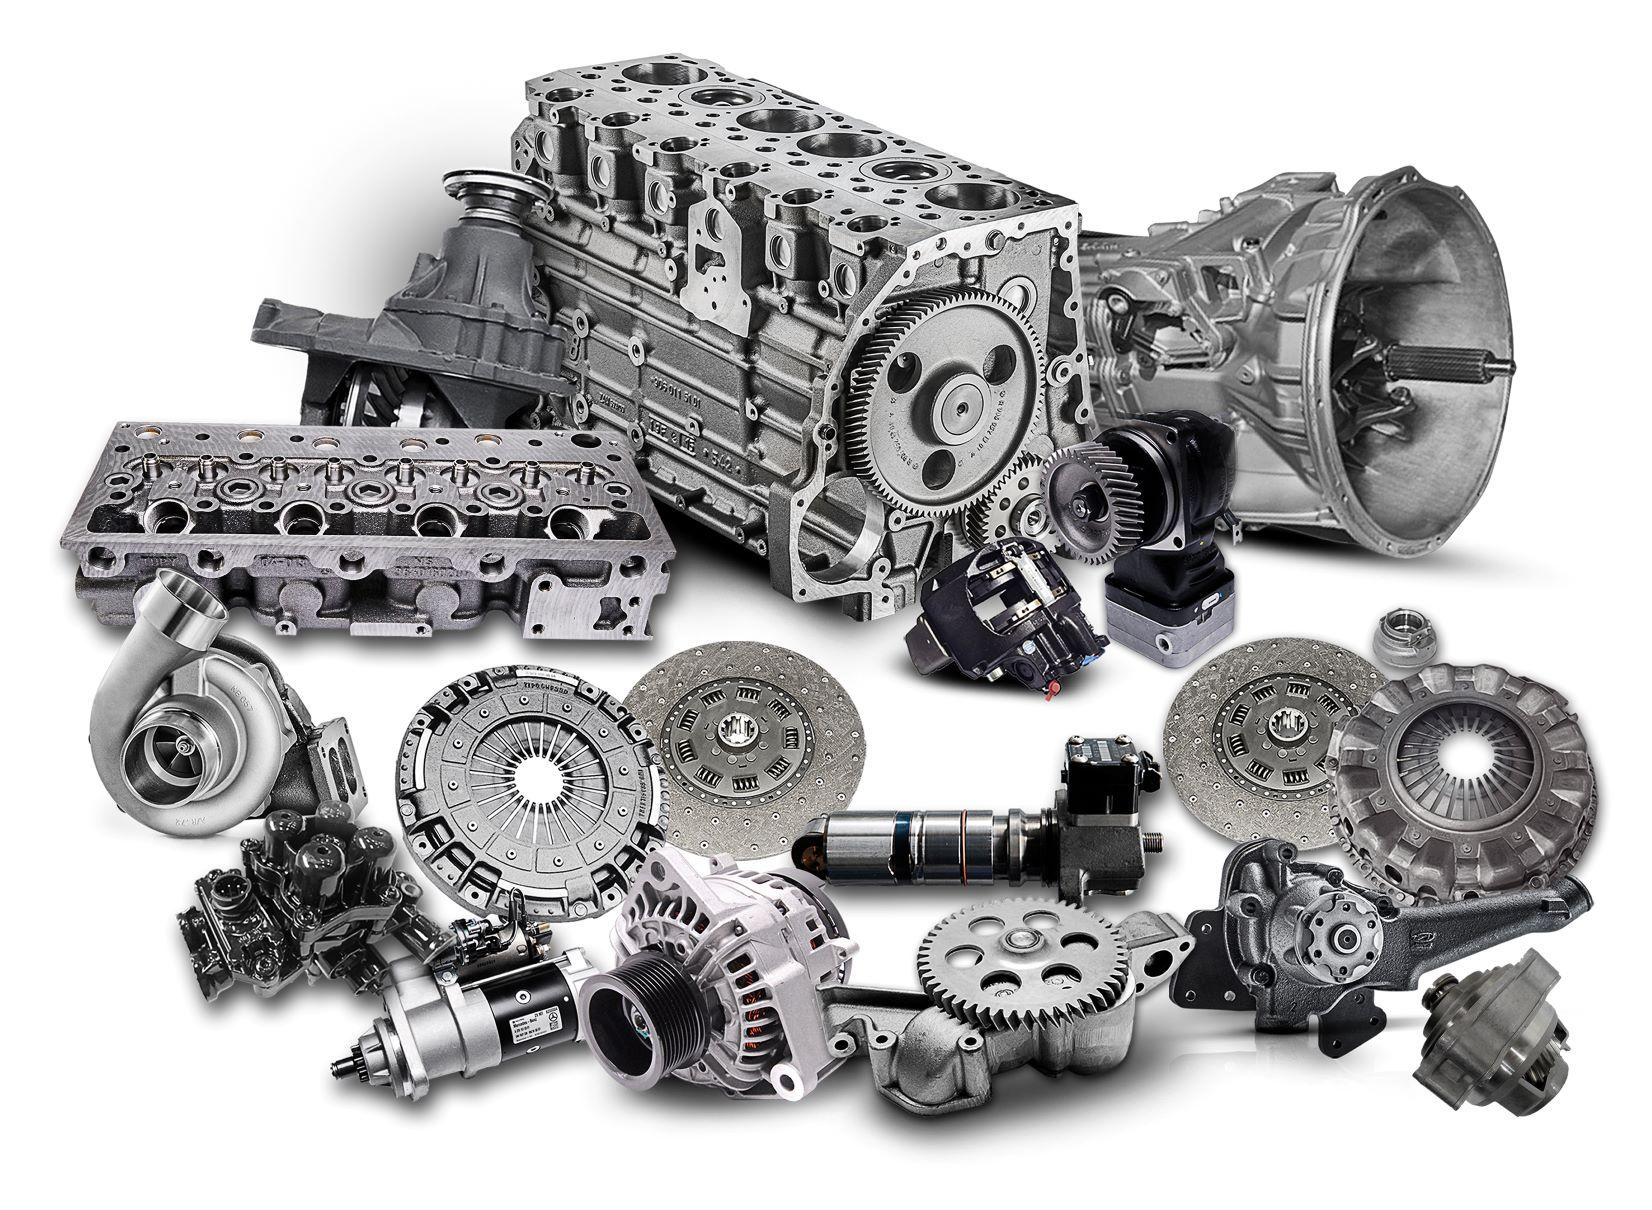 Mercedes-Benz lança campanha para parcelar em até seis vezes peças da linha de remanufaturados